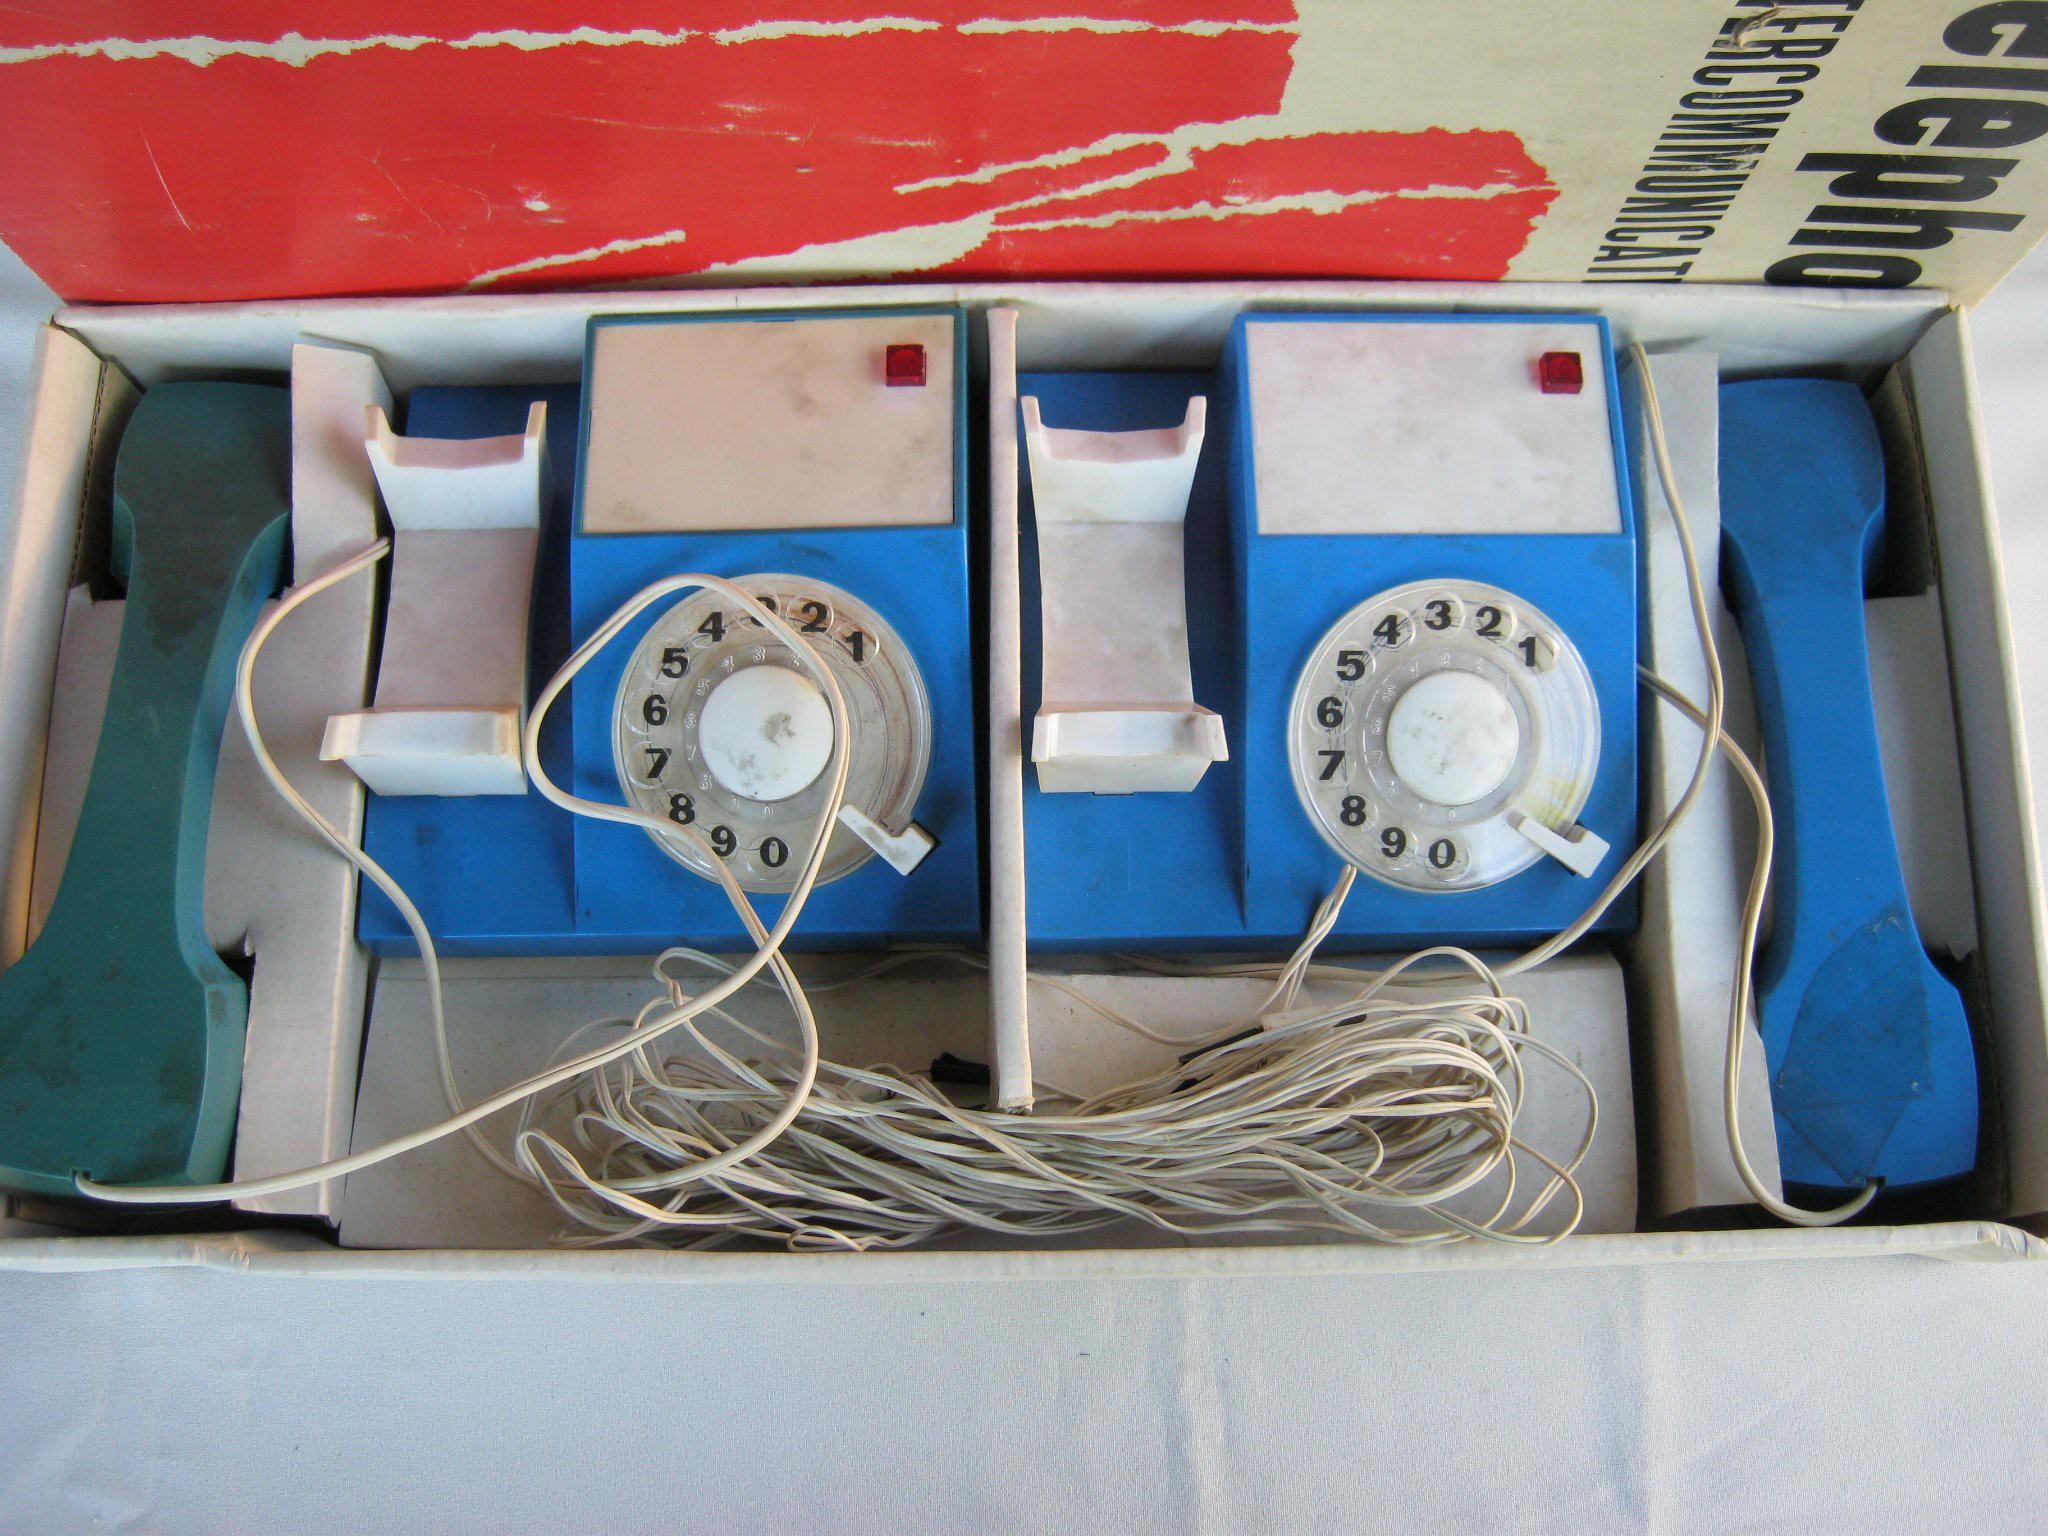 03a3bd2652f57242e58ac1f2dee39311-retro-jugoszlav-jatek-telefon.jpg